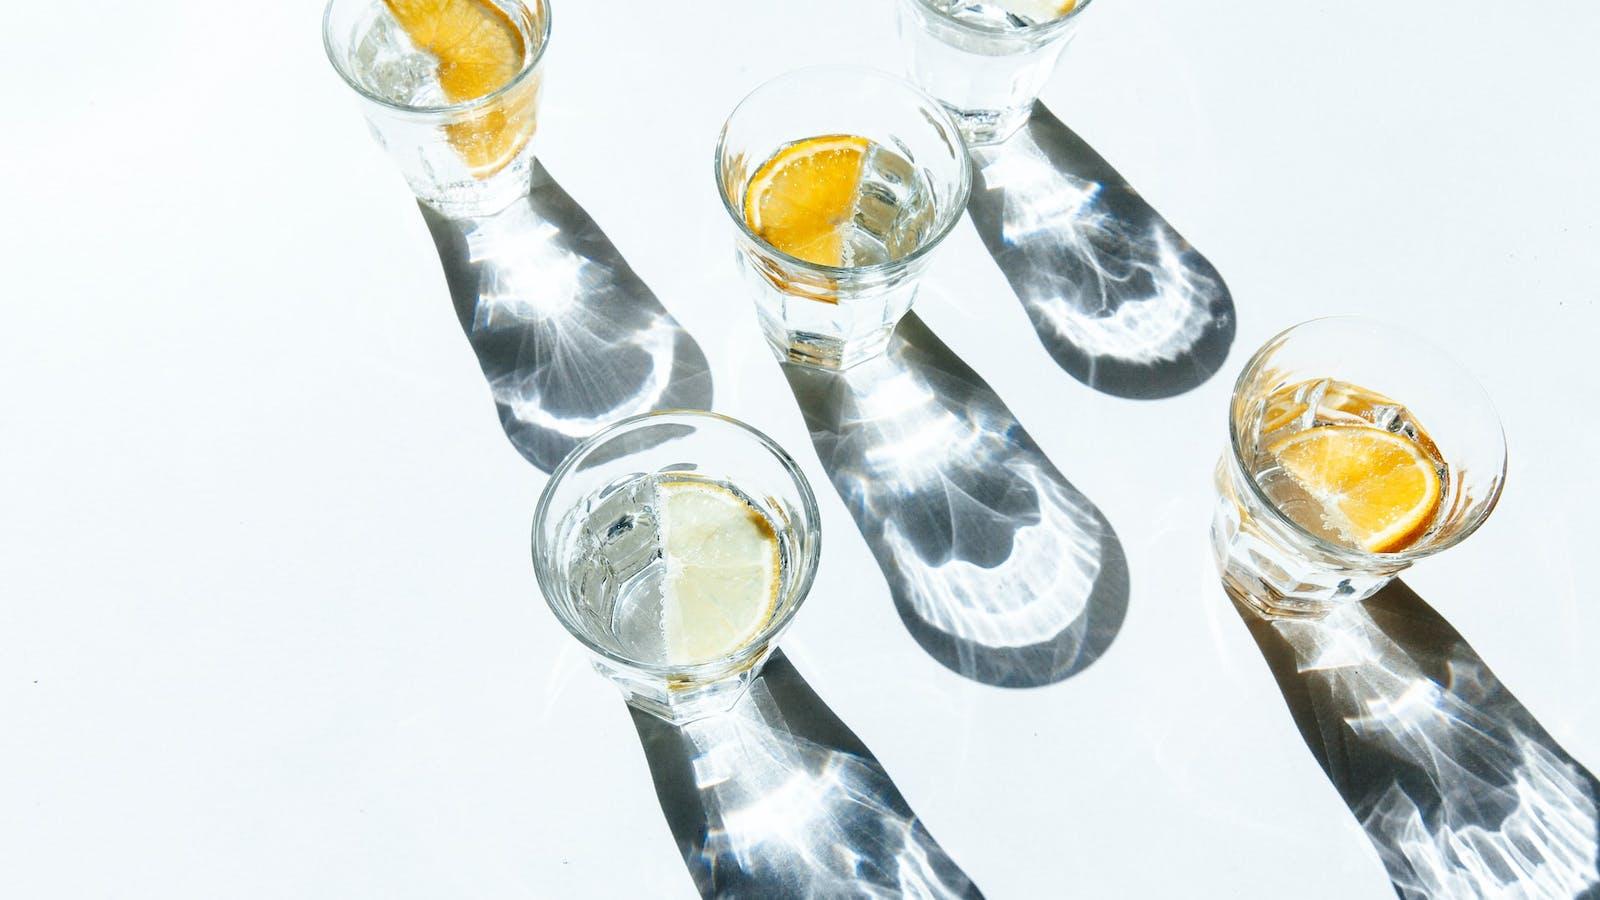 Verre d'eau avec rondelle de citron